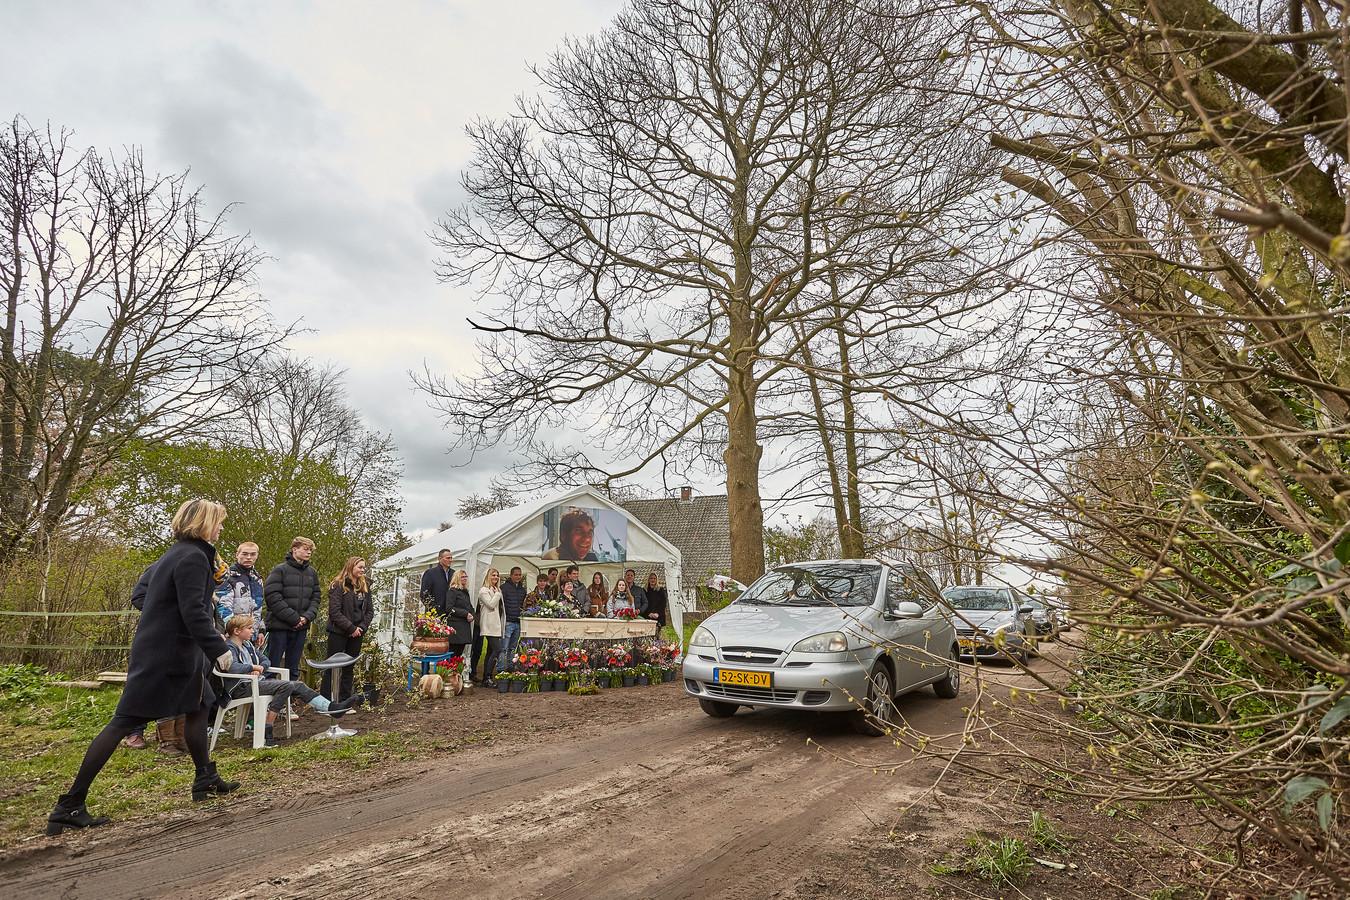 Vanuit de auto de laatste eer bewijzen aan Hans Imming, een mand langs het pad om bloemen of een kaart in te doen. Een uitvaart in tijden van corona.